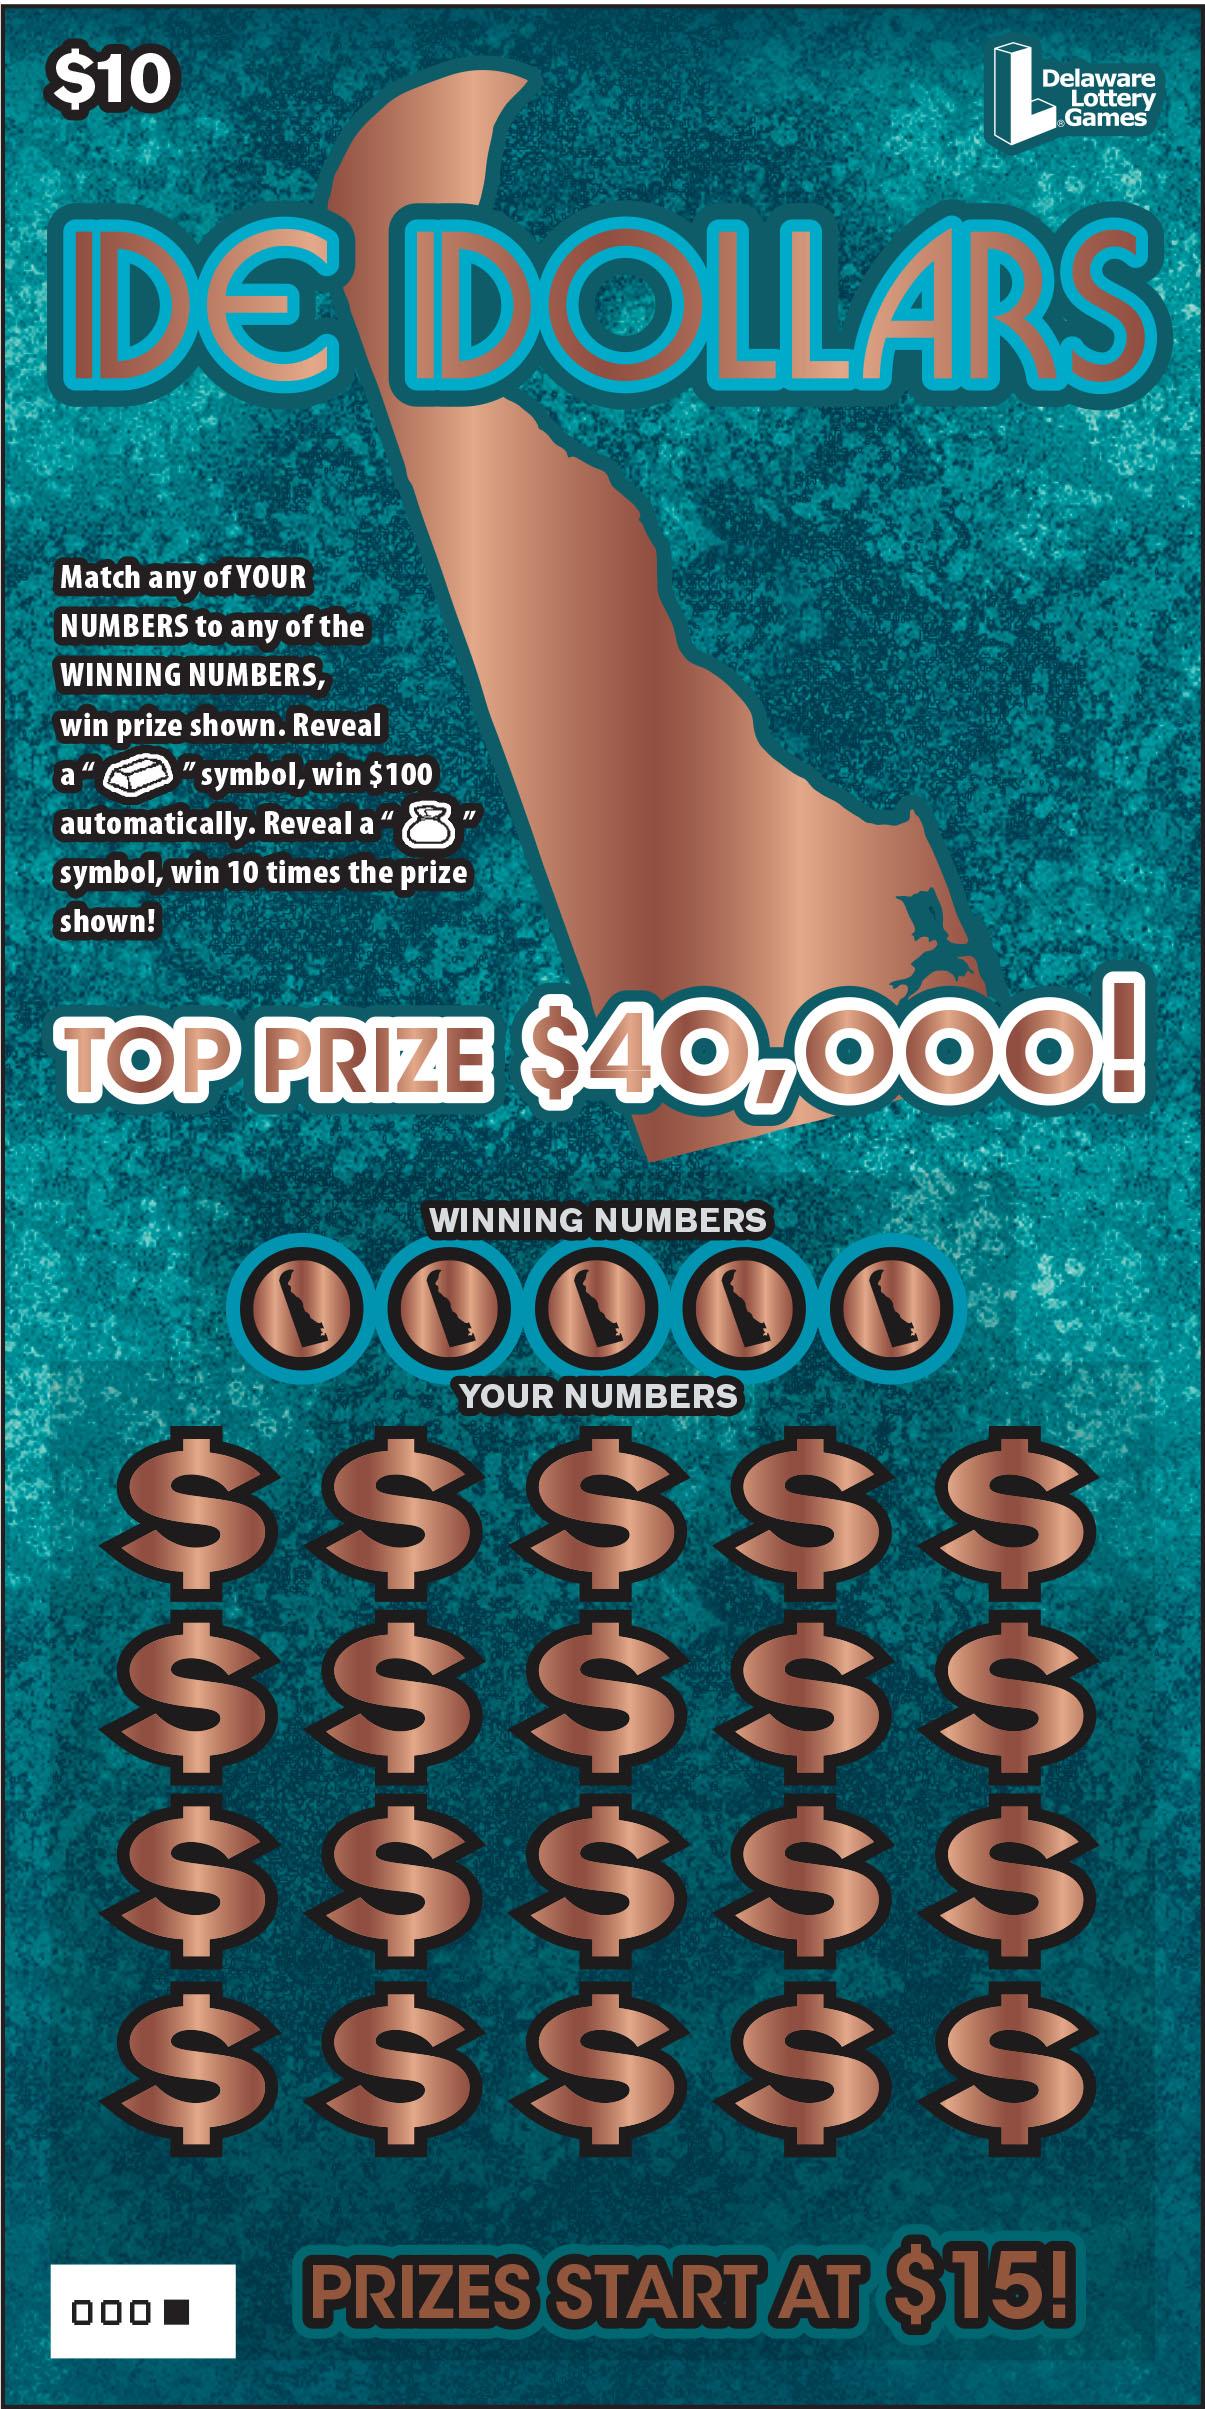 de_lottery_de_dollars